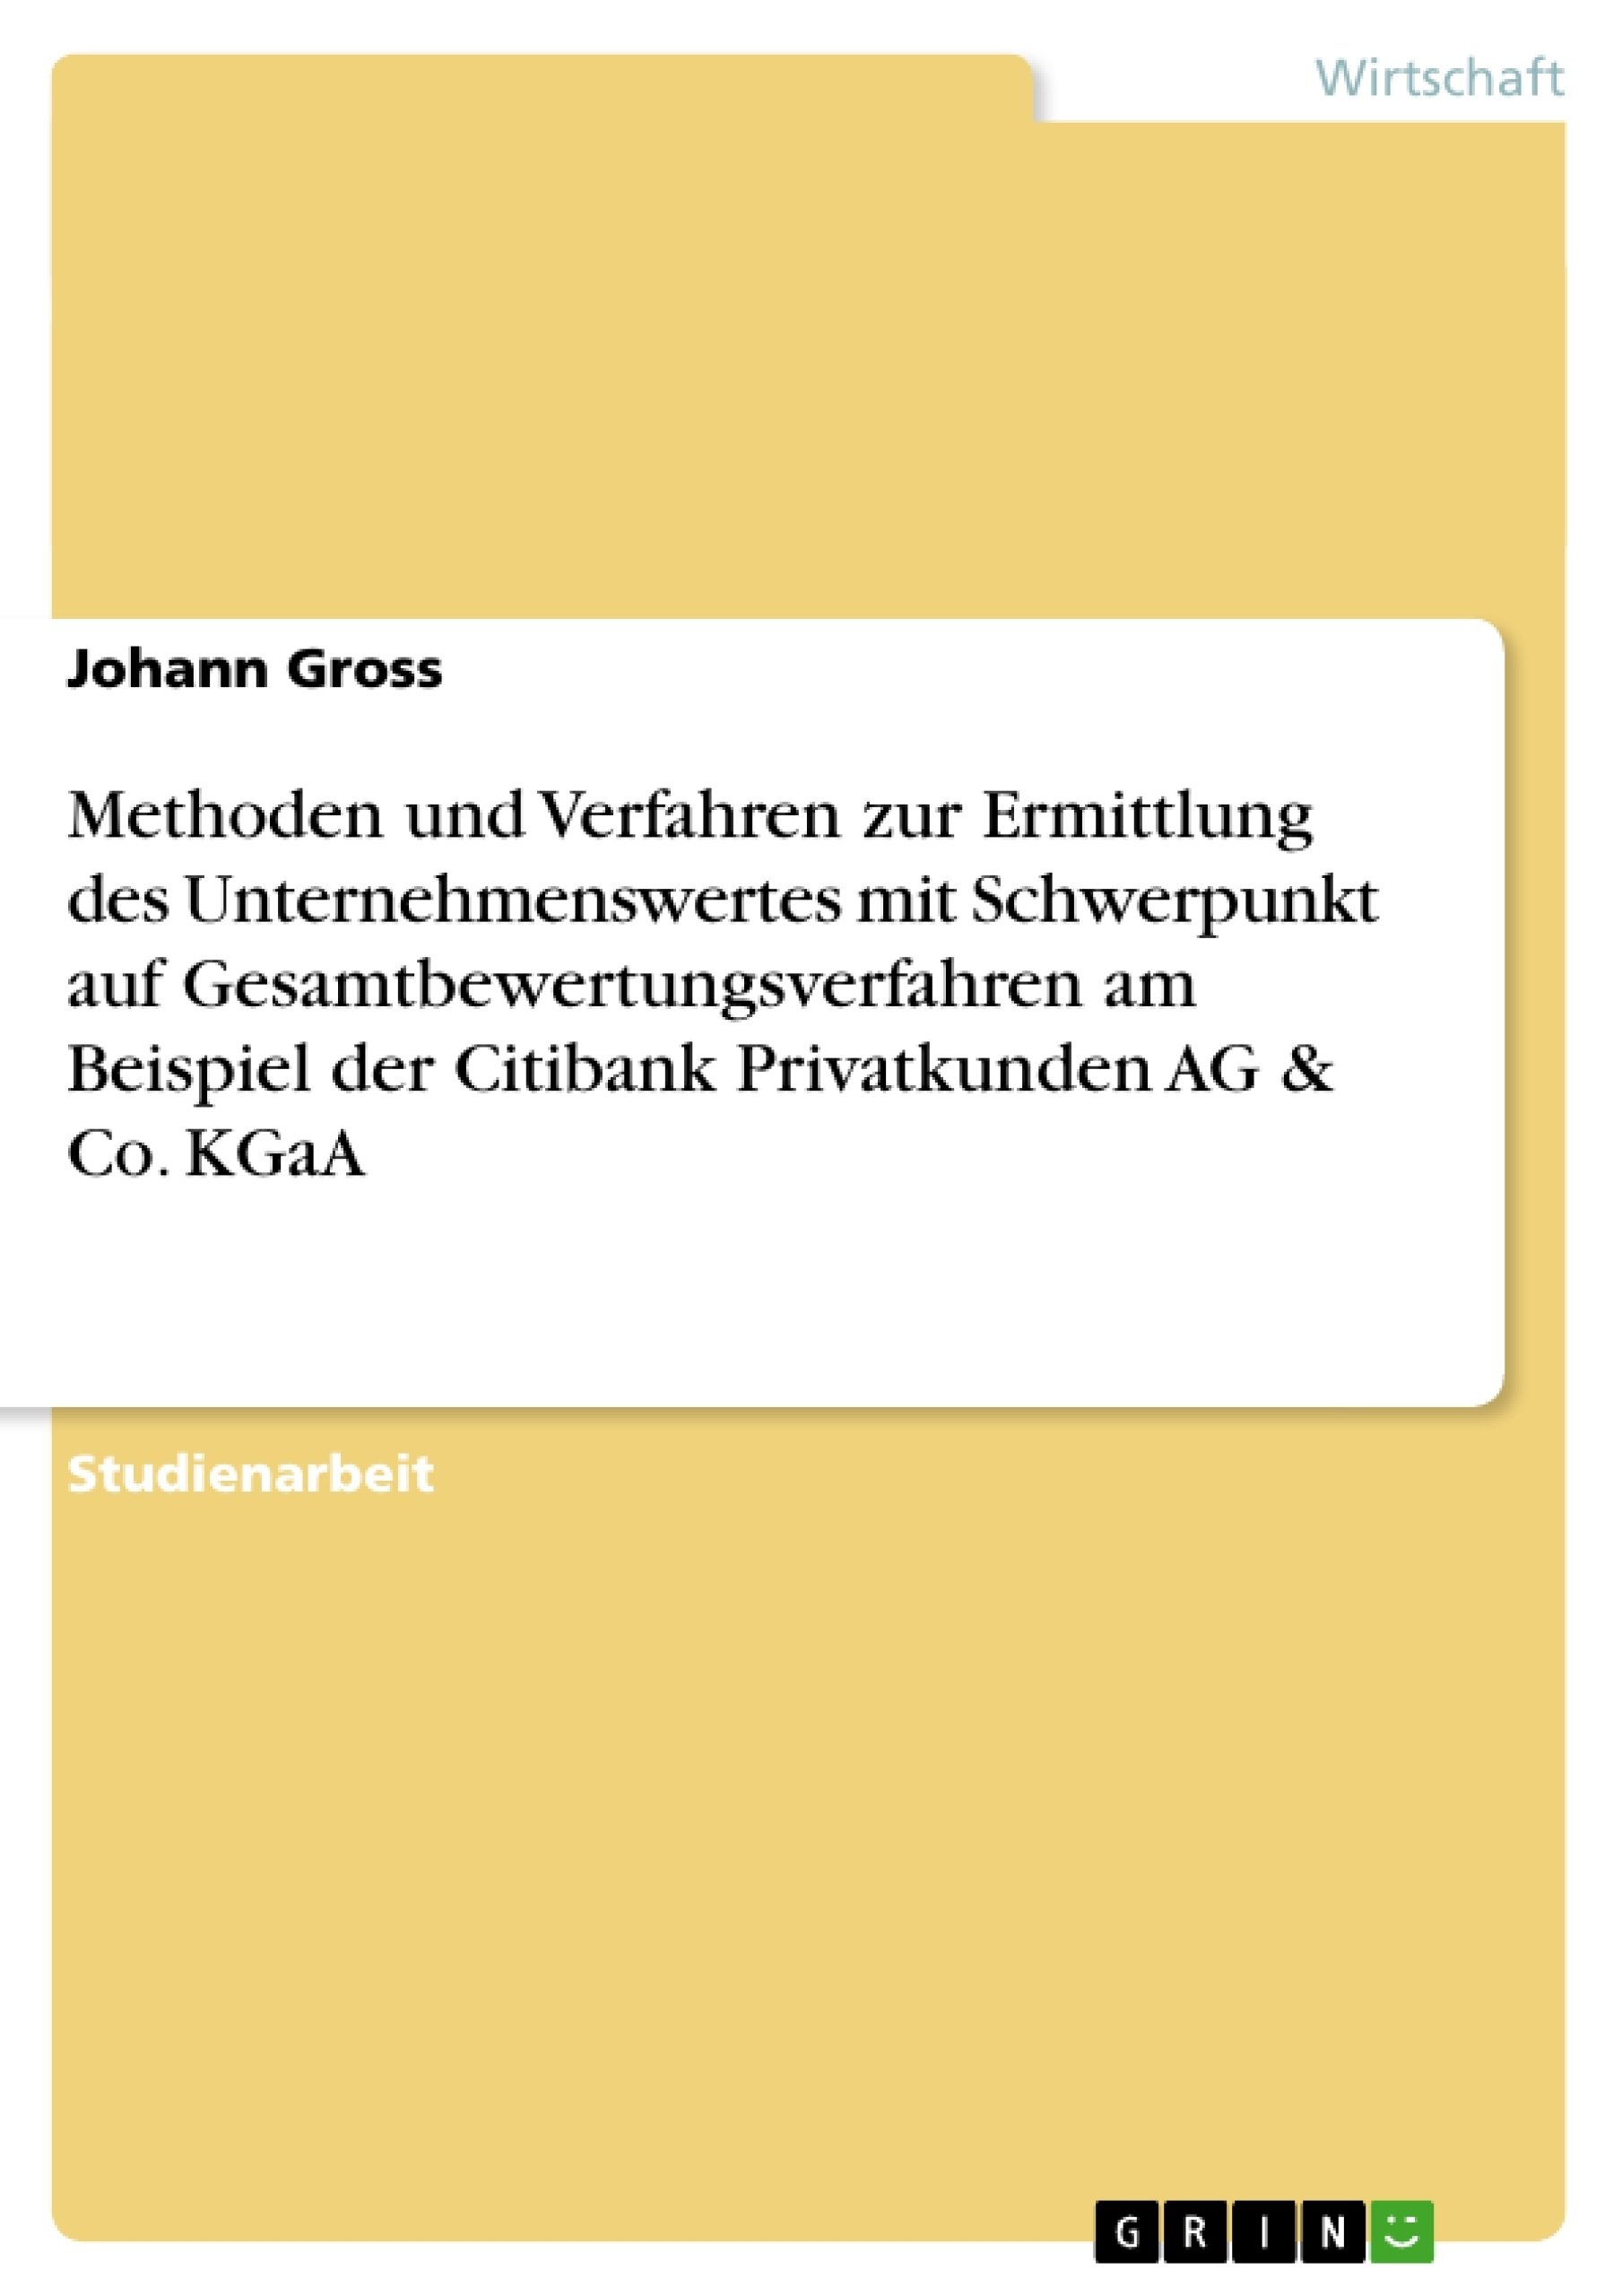 Titel: Methoden und Verfahren zur Ermittlung des Unternehmenswertes mit Schwerpunkt auf Gesamtbewertungsverfahren am Beispiel der Citibank Privatkunden AG & Co. KGaA